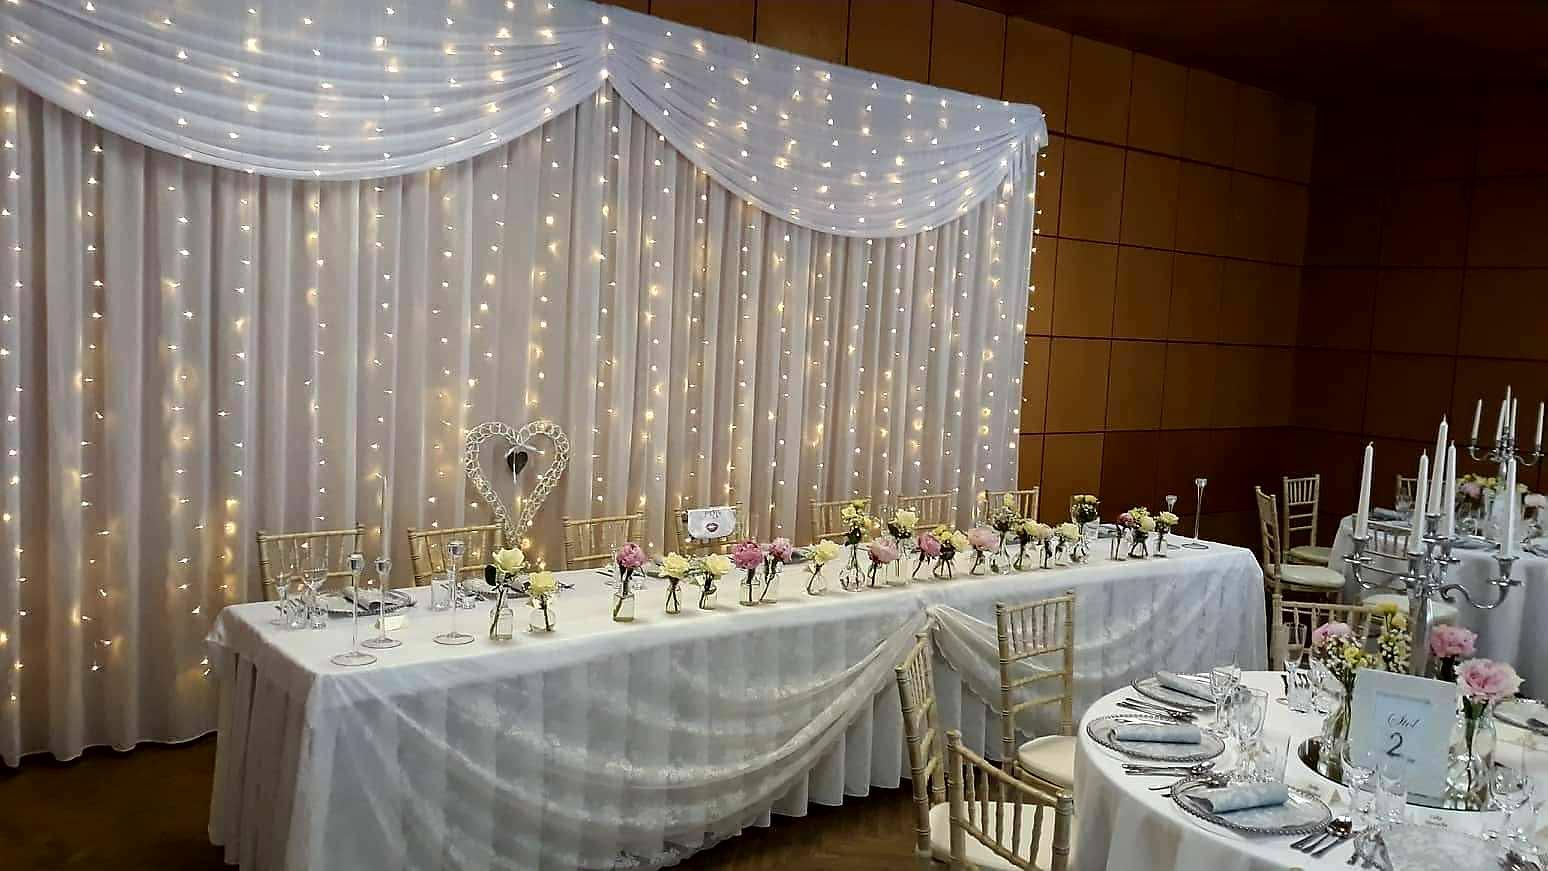 Svetelné steny za mladomanželský stôl - Svetelná stena v rozmere 3x6m dodá Vašej výzdobe pompézny a romantický nádych.